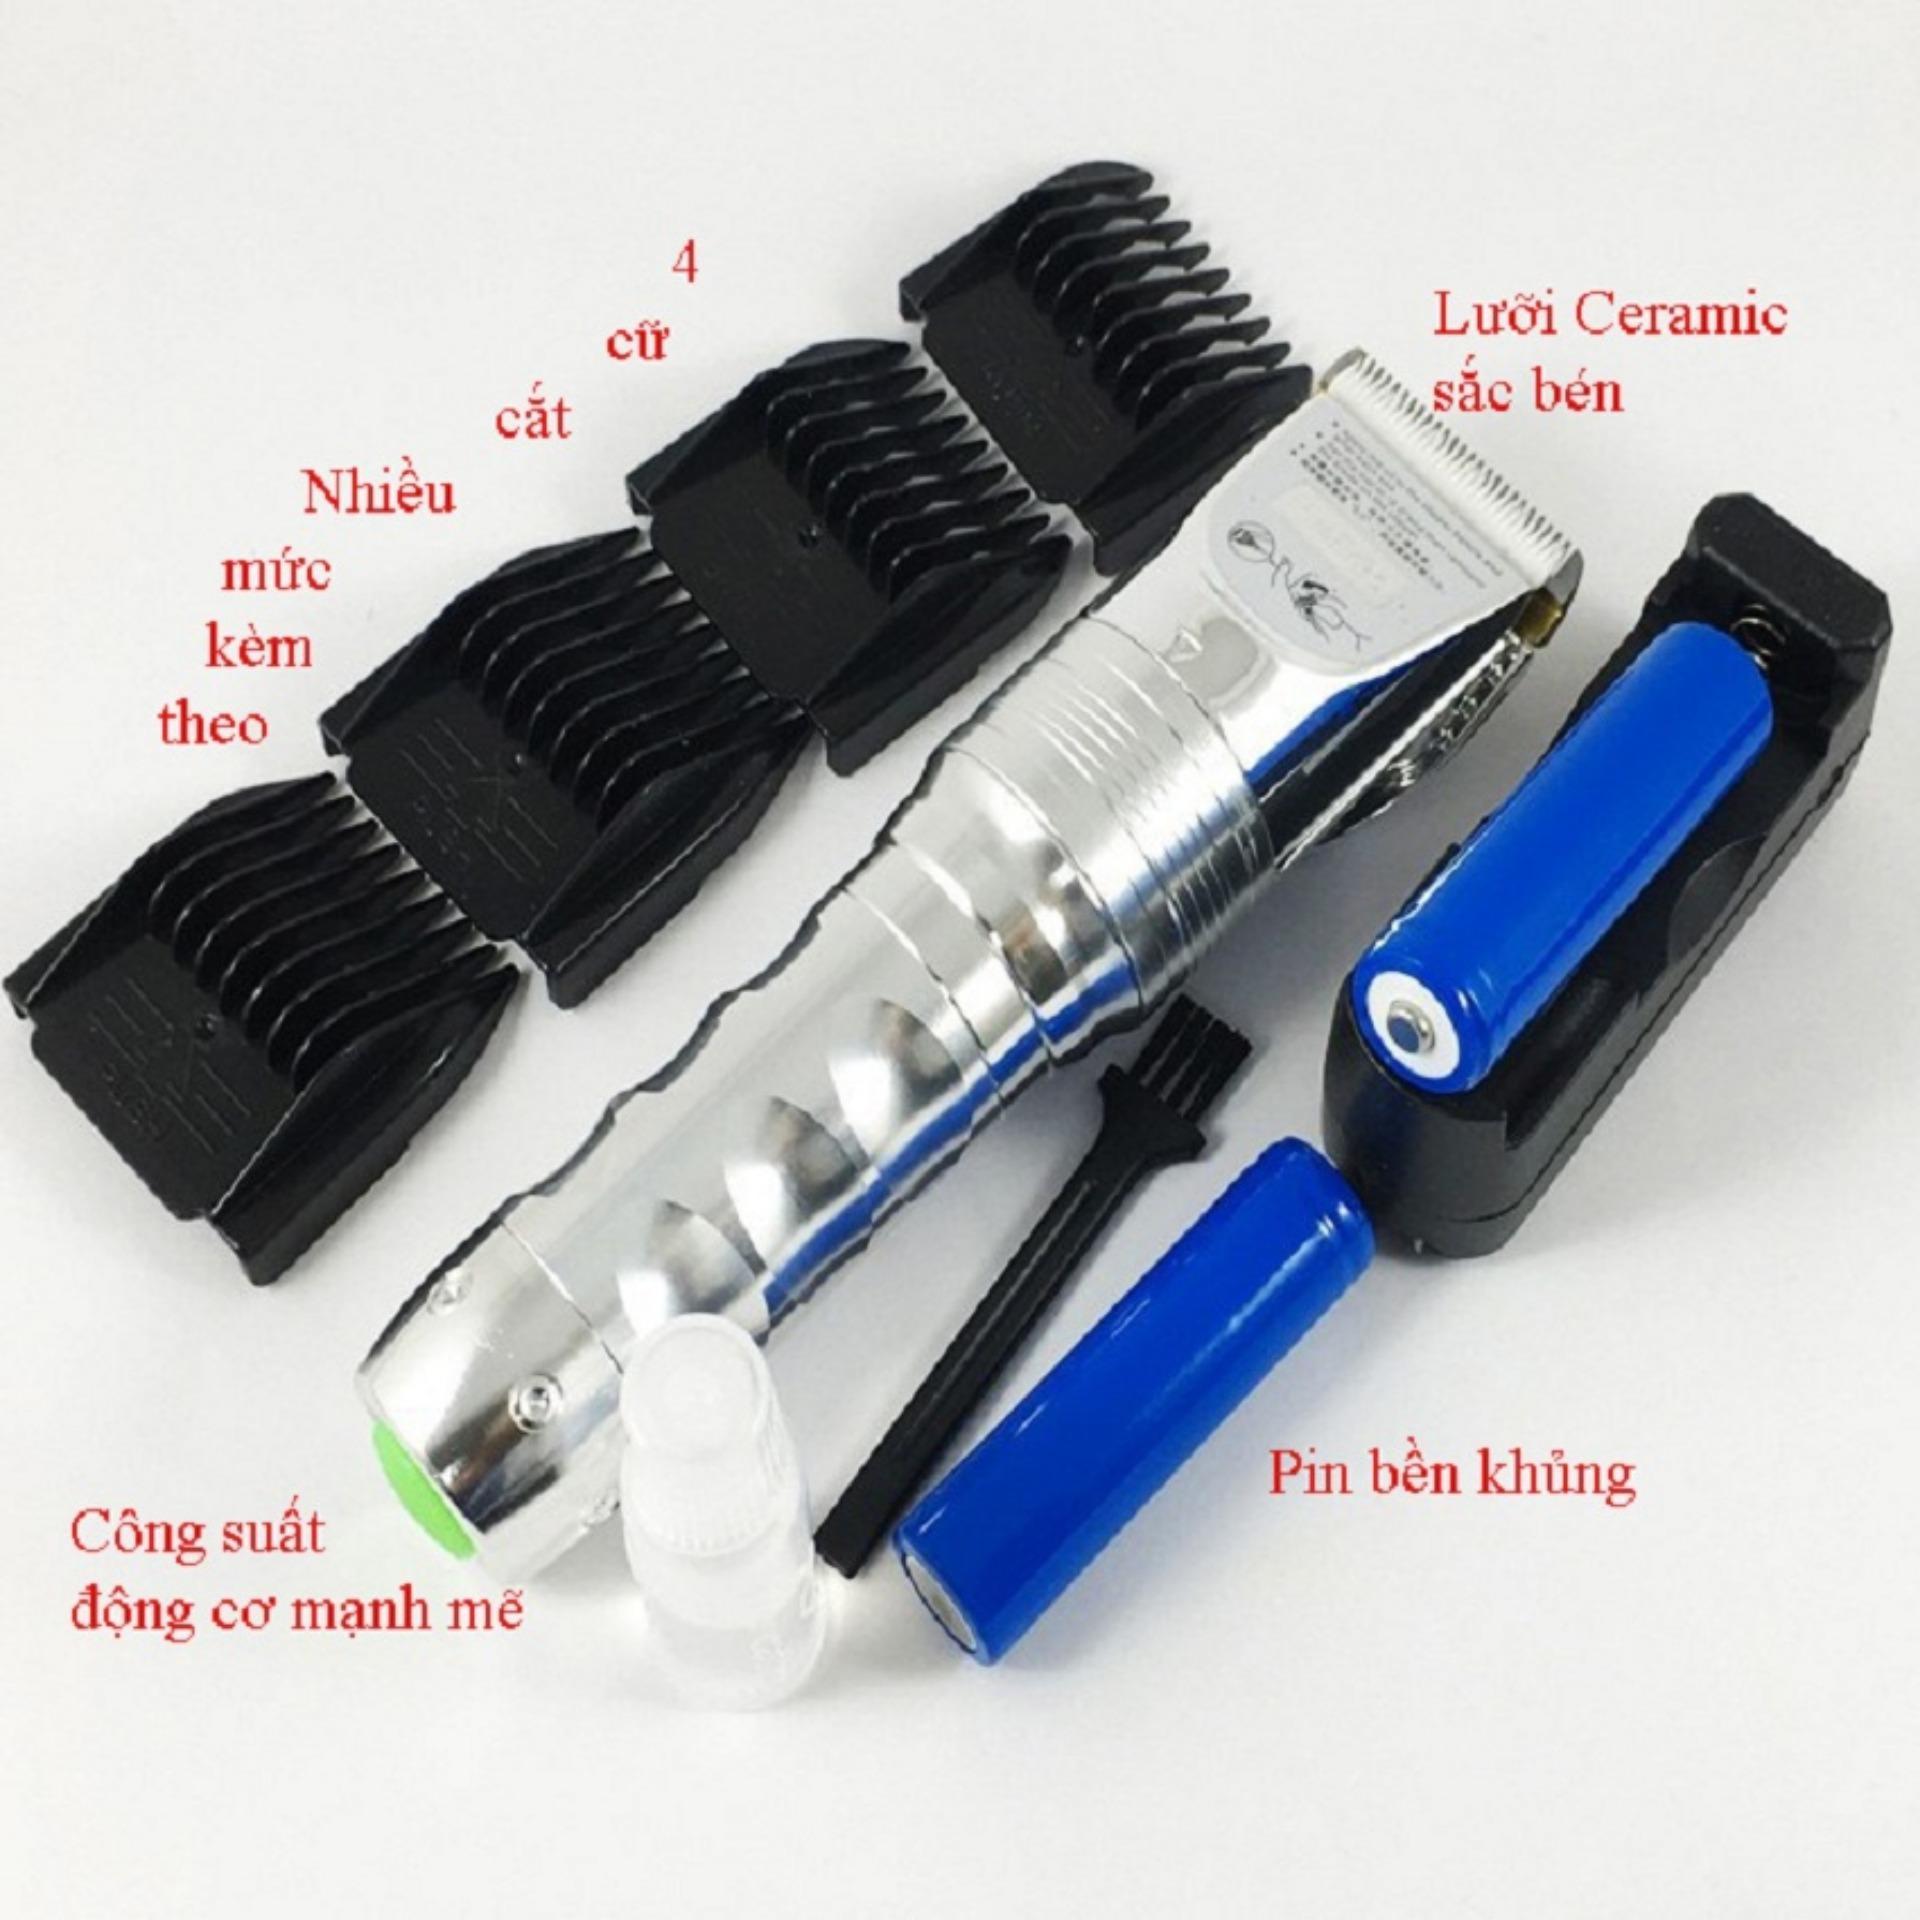 Tông đơ cắt tóc - Tông đơ - Tông đơ cắt tóc trẻ em - Tông Đơ Không Dây Cao Cấp Hai Pin HUEARBO F10 - Gia dụng hot tốt nhất